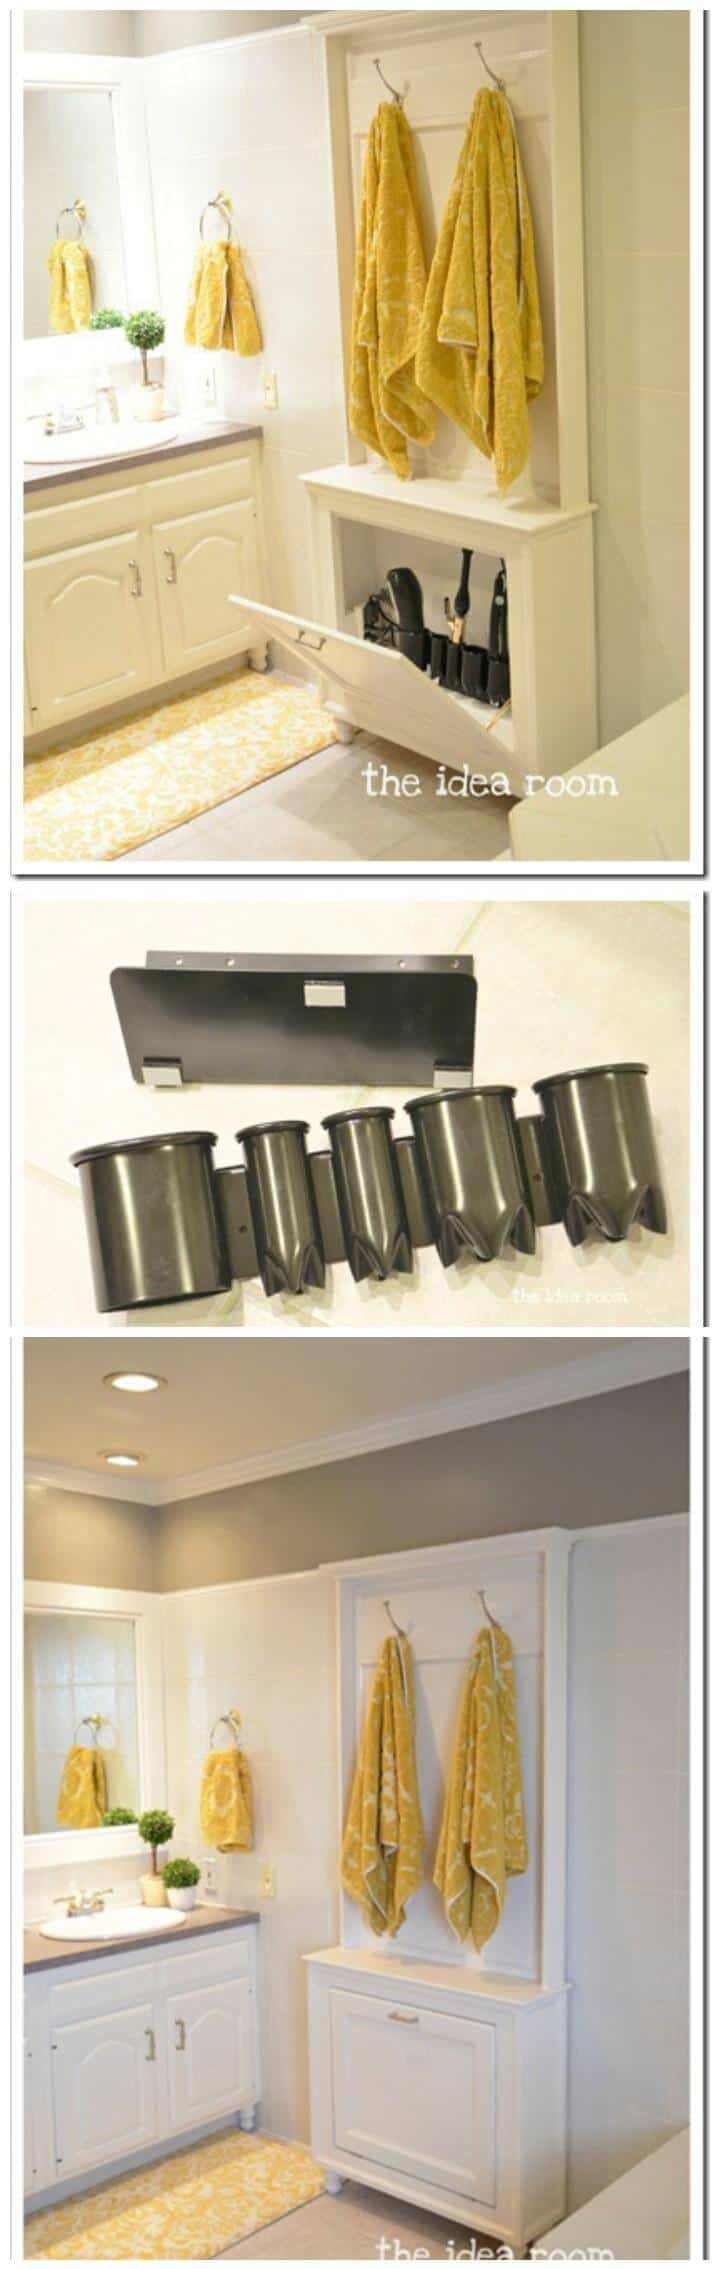 idea fácil de almacenamiento de herramientas para el cabello en el baño